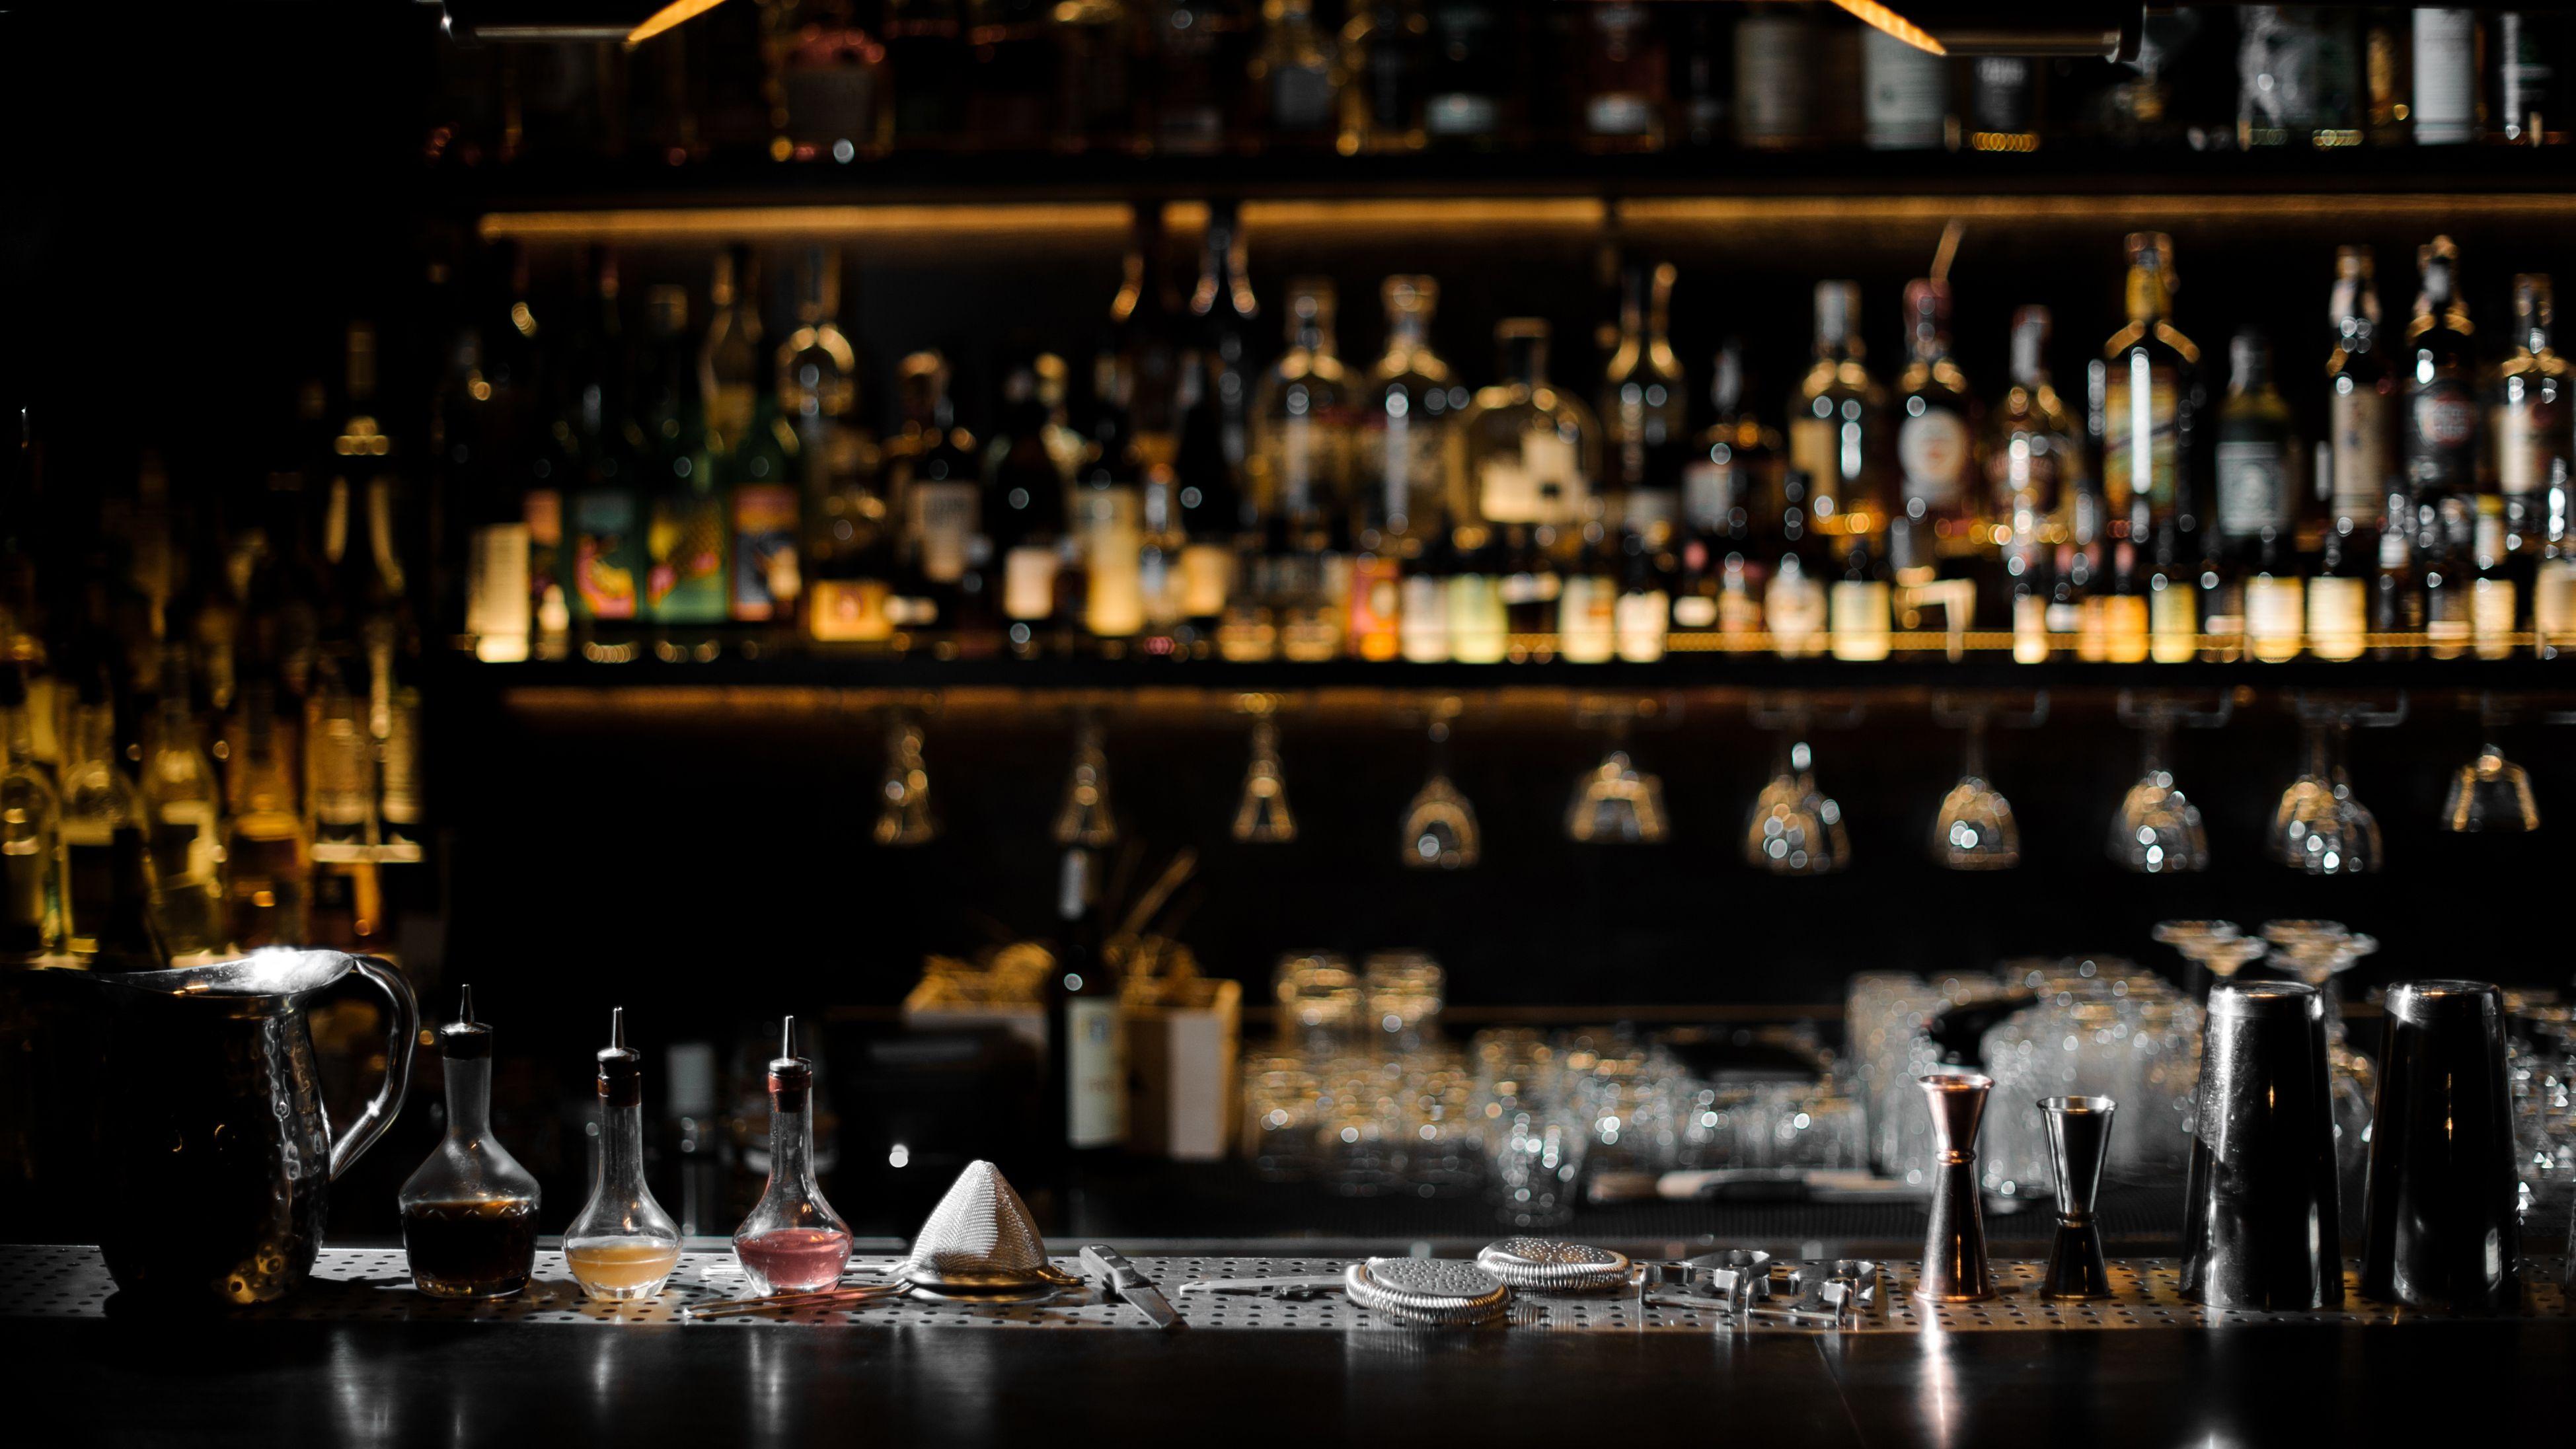 Eine dunkle Bar mit vielen Flaschen und allerlei Säften und Alkoholsorten zum Mixen